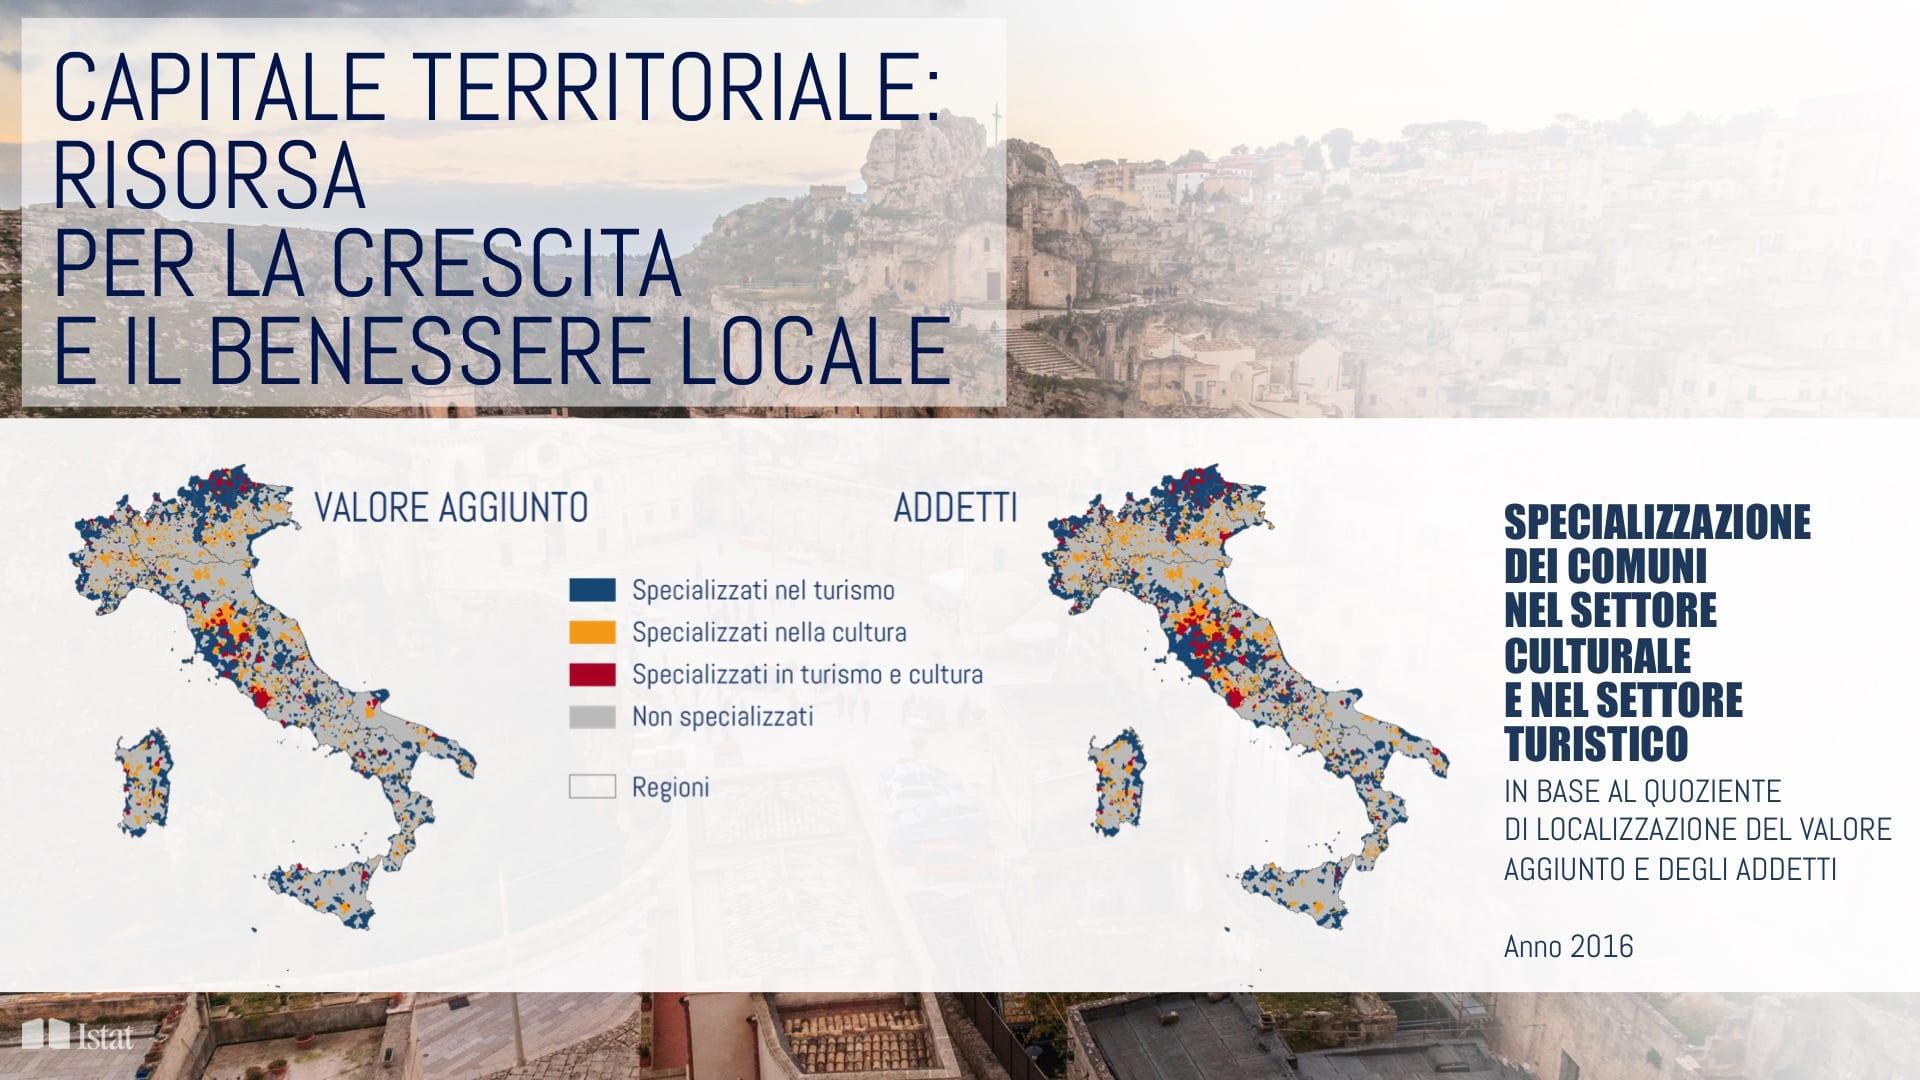 TERRITORIO, CULTURA E SVILUPPO: UNA LETTURA ATTRAVERSO IL RAPPORTO ISTAT 2019